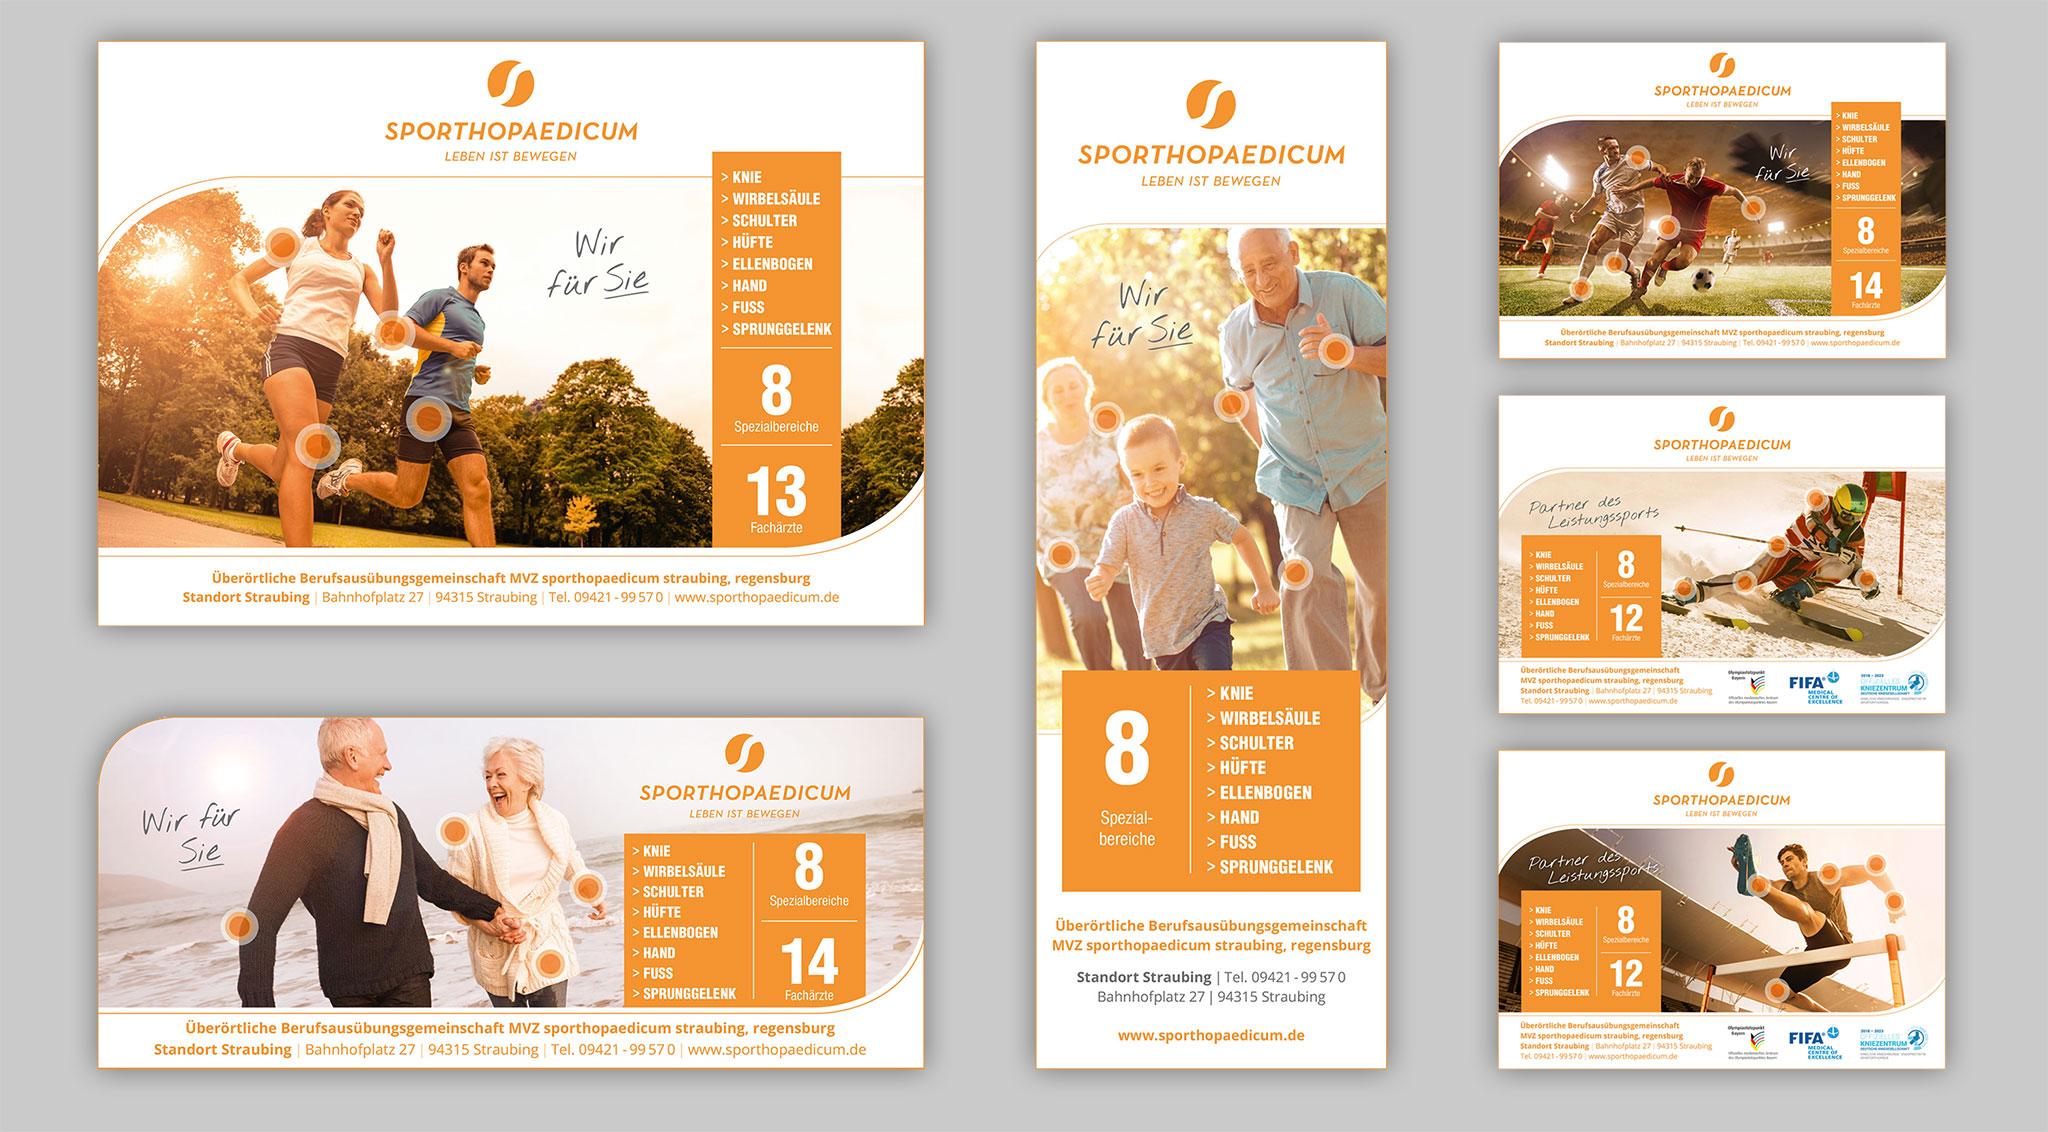 Anzeigen sporthopaedicum | Design Agentur Ritter